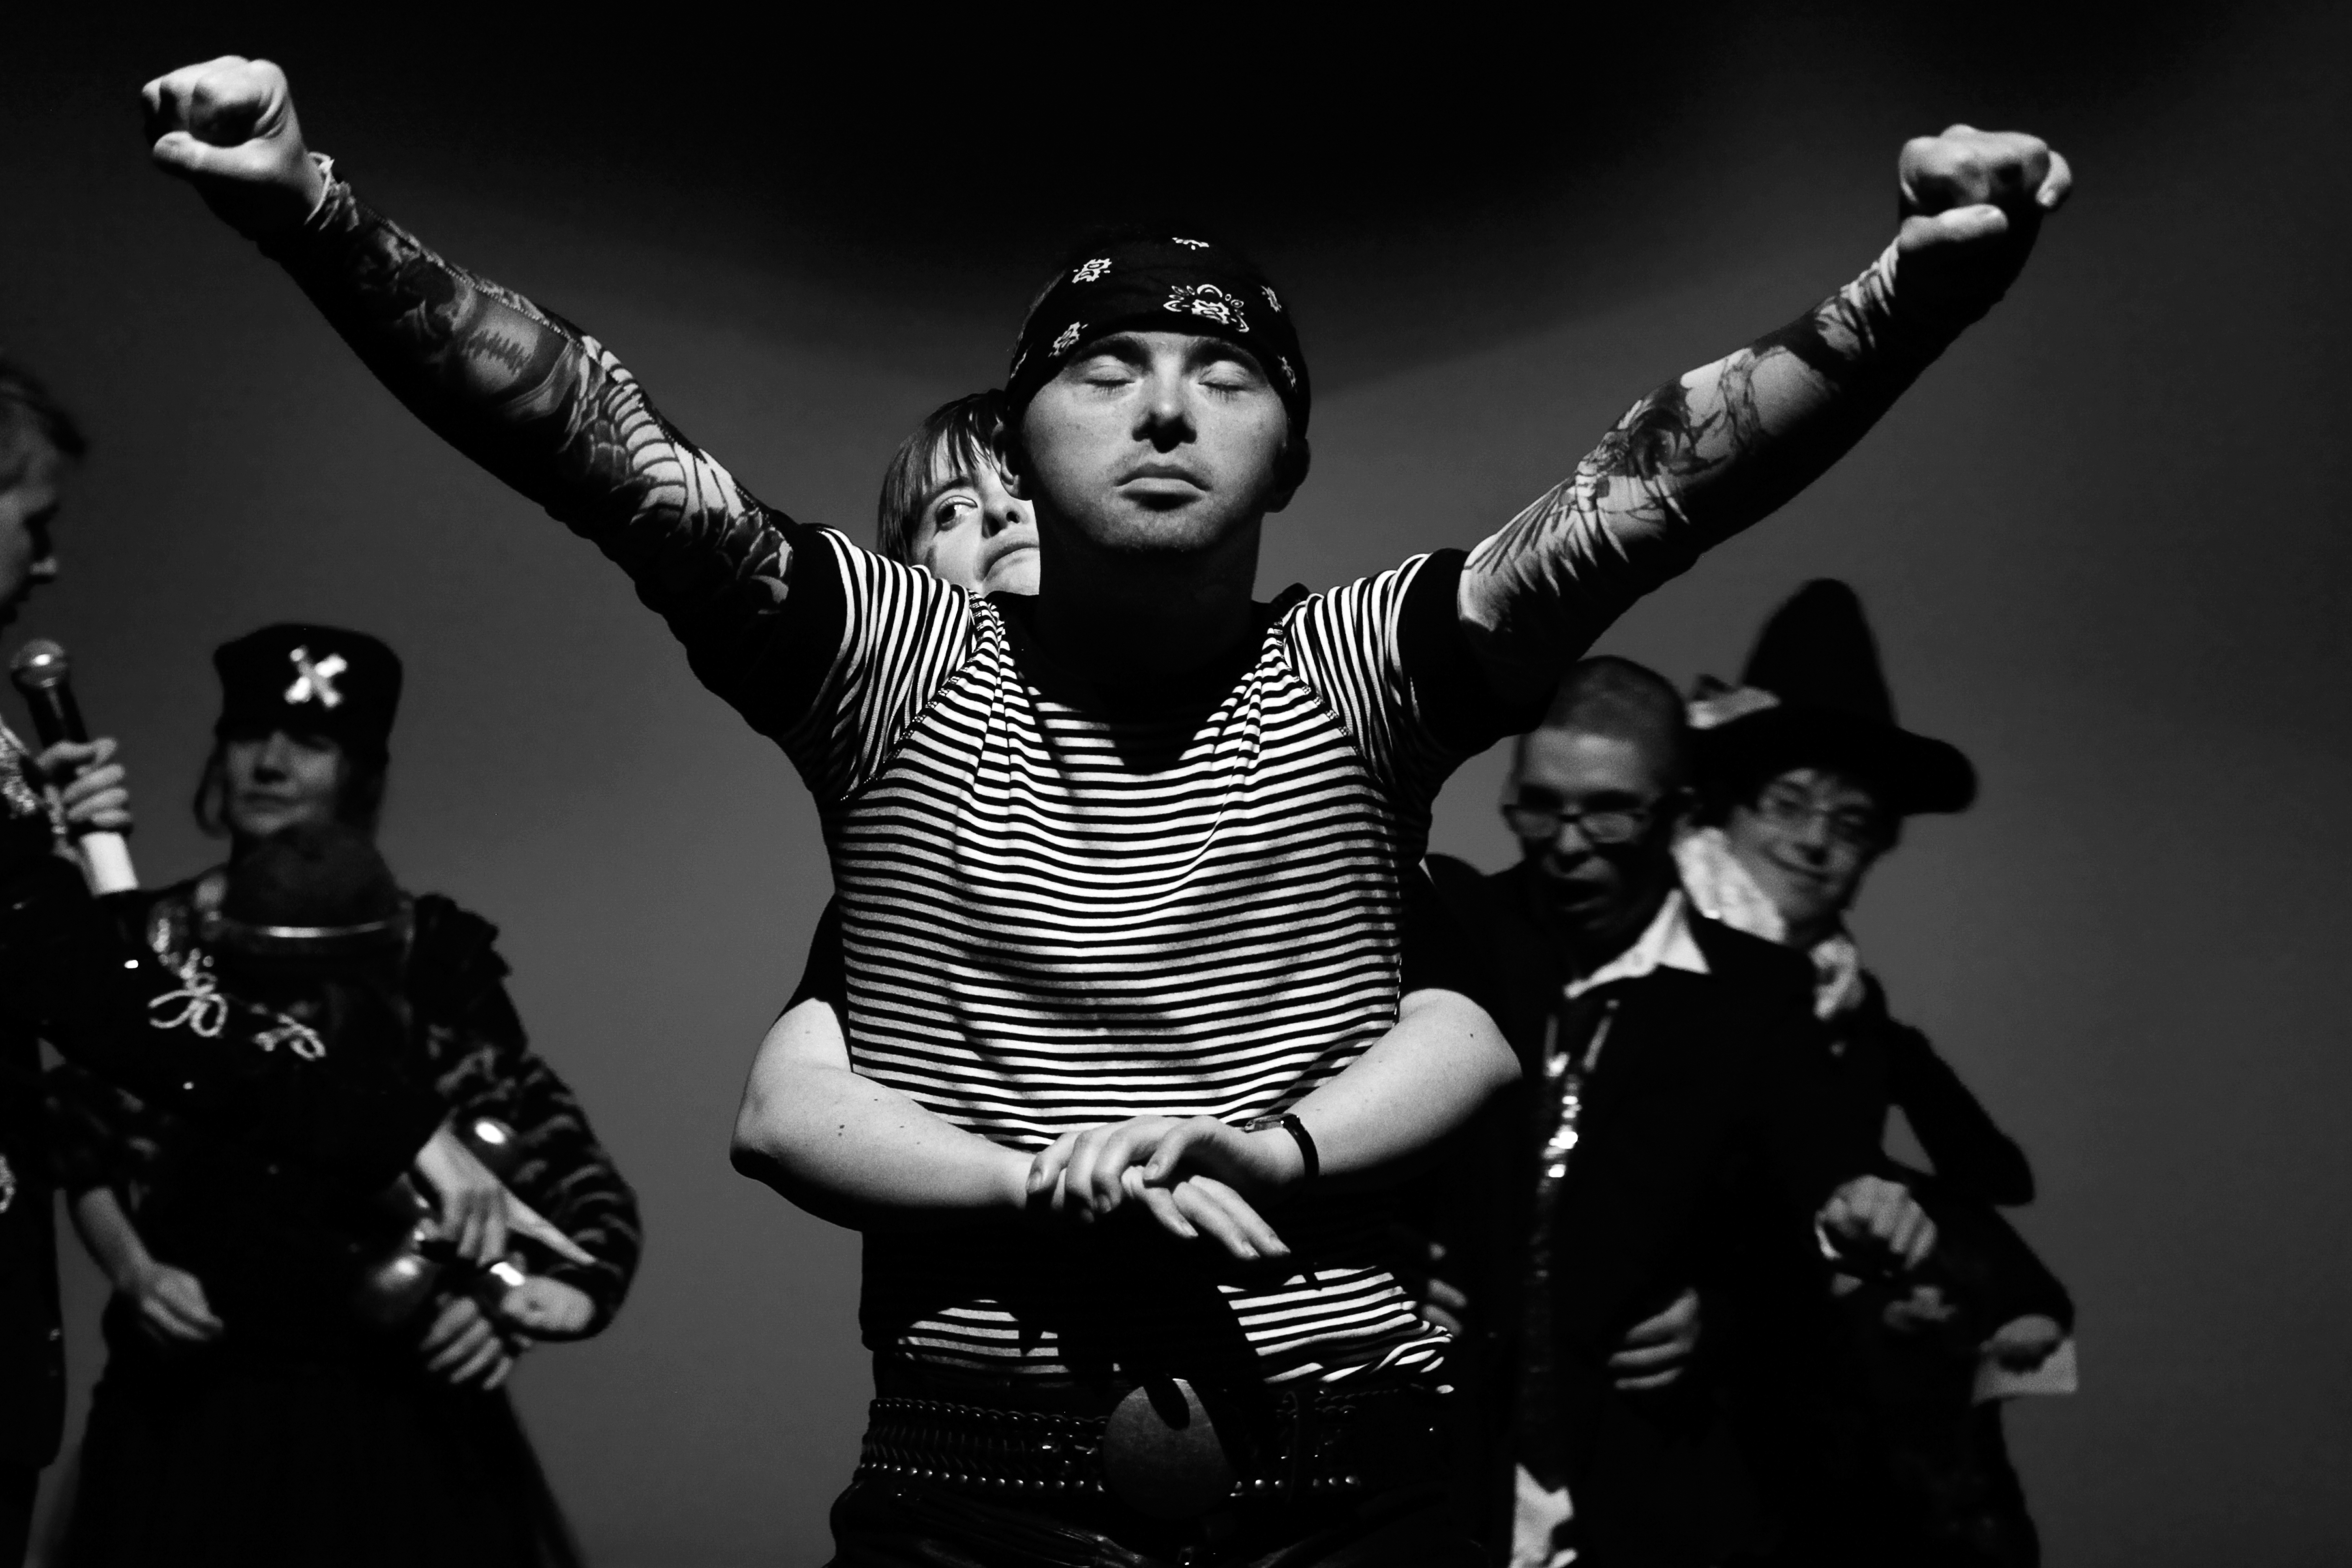 'Downfalls. Episode 2', dir. Justyna Sobczyk, script by Justyna Lipko-Konieczna, Justyna Sobczyk, produced by Teatr 21, premiere: 22.05.2015. Photo: Grzegorz Press.